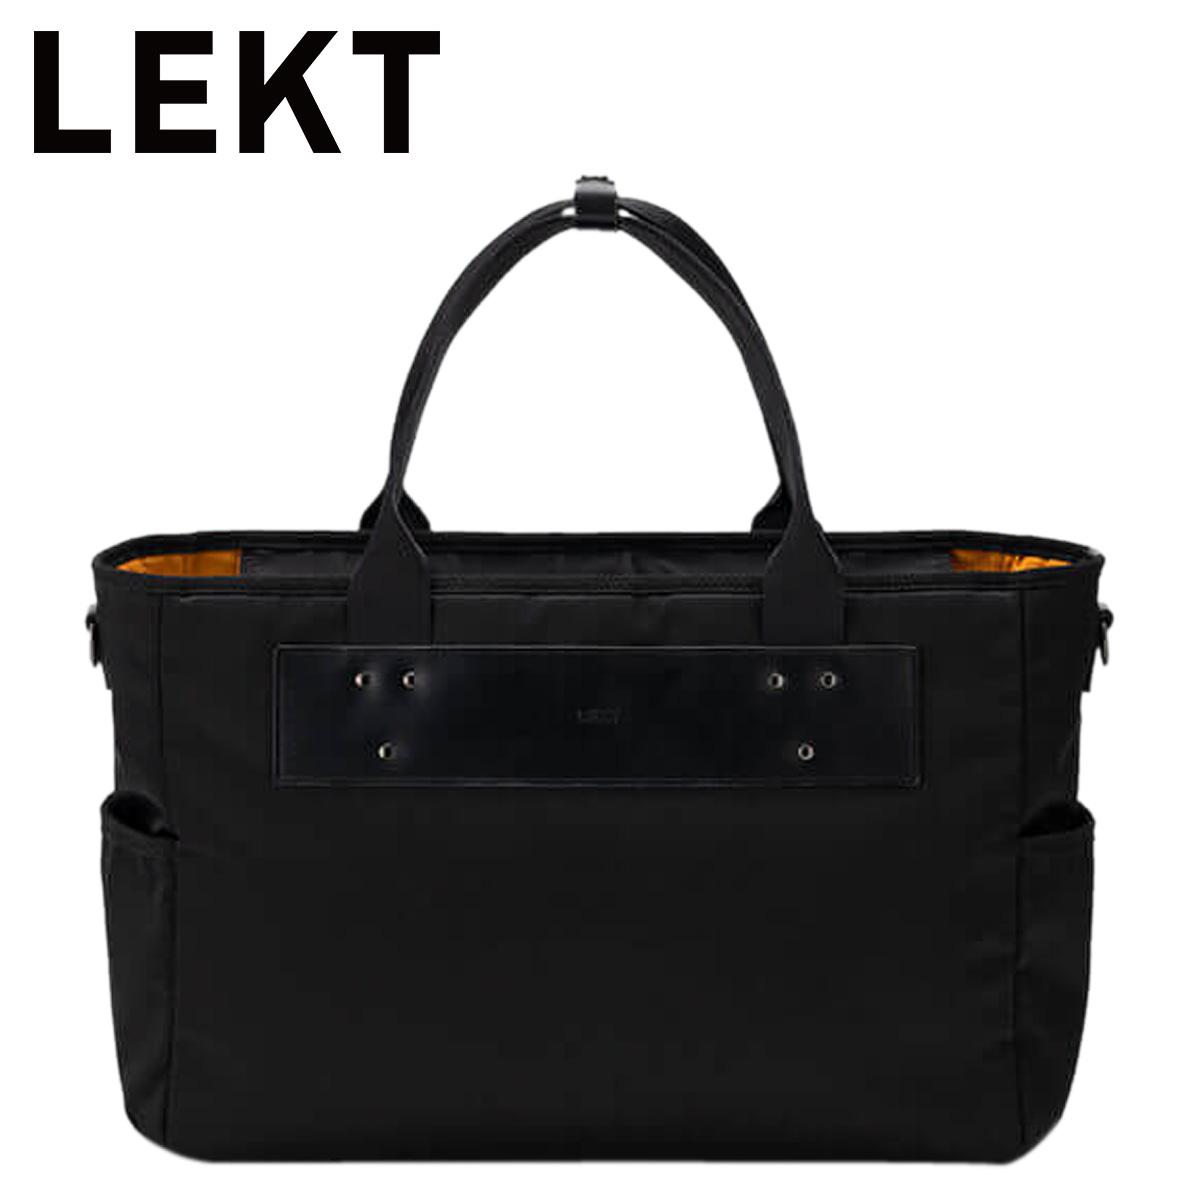 LEKT レクト トート カバン ビジネスバッグ ショルダー メンズ 2way ブラック 黒 LEKT-0002